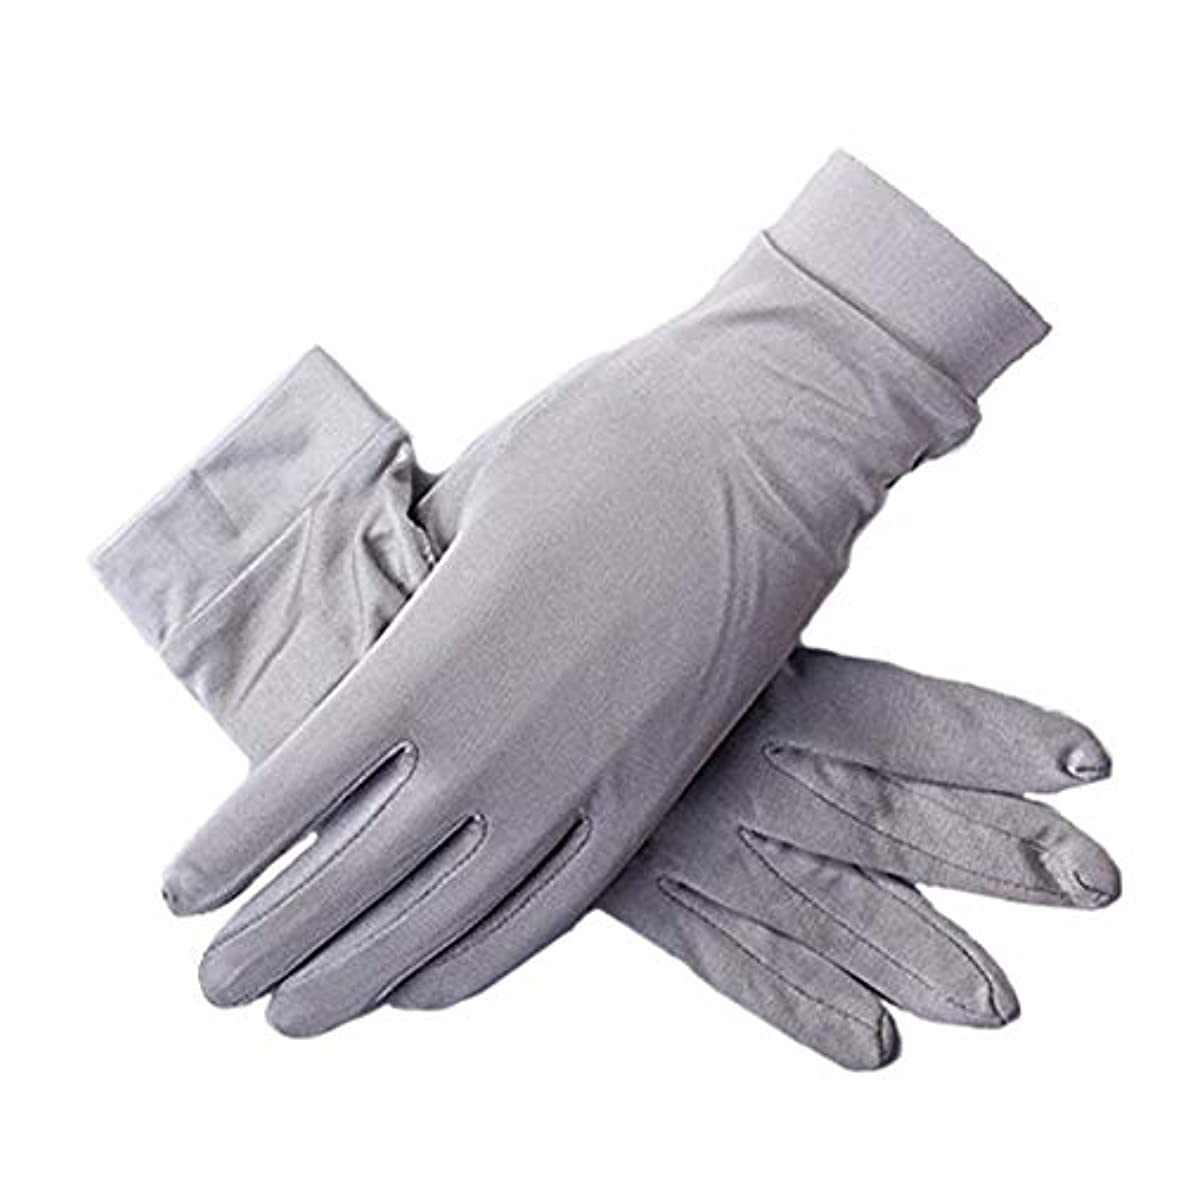 分割象蘇生するシルク手袋手袋 シルク uvカット おやすみ 手触りが良い 紫外線 日焼け防止 手荒い 保湿 夏 ハンド ケア レディースメンズ